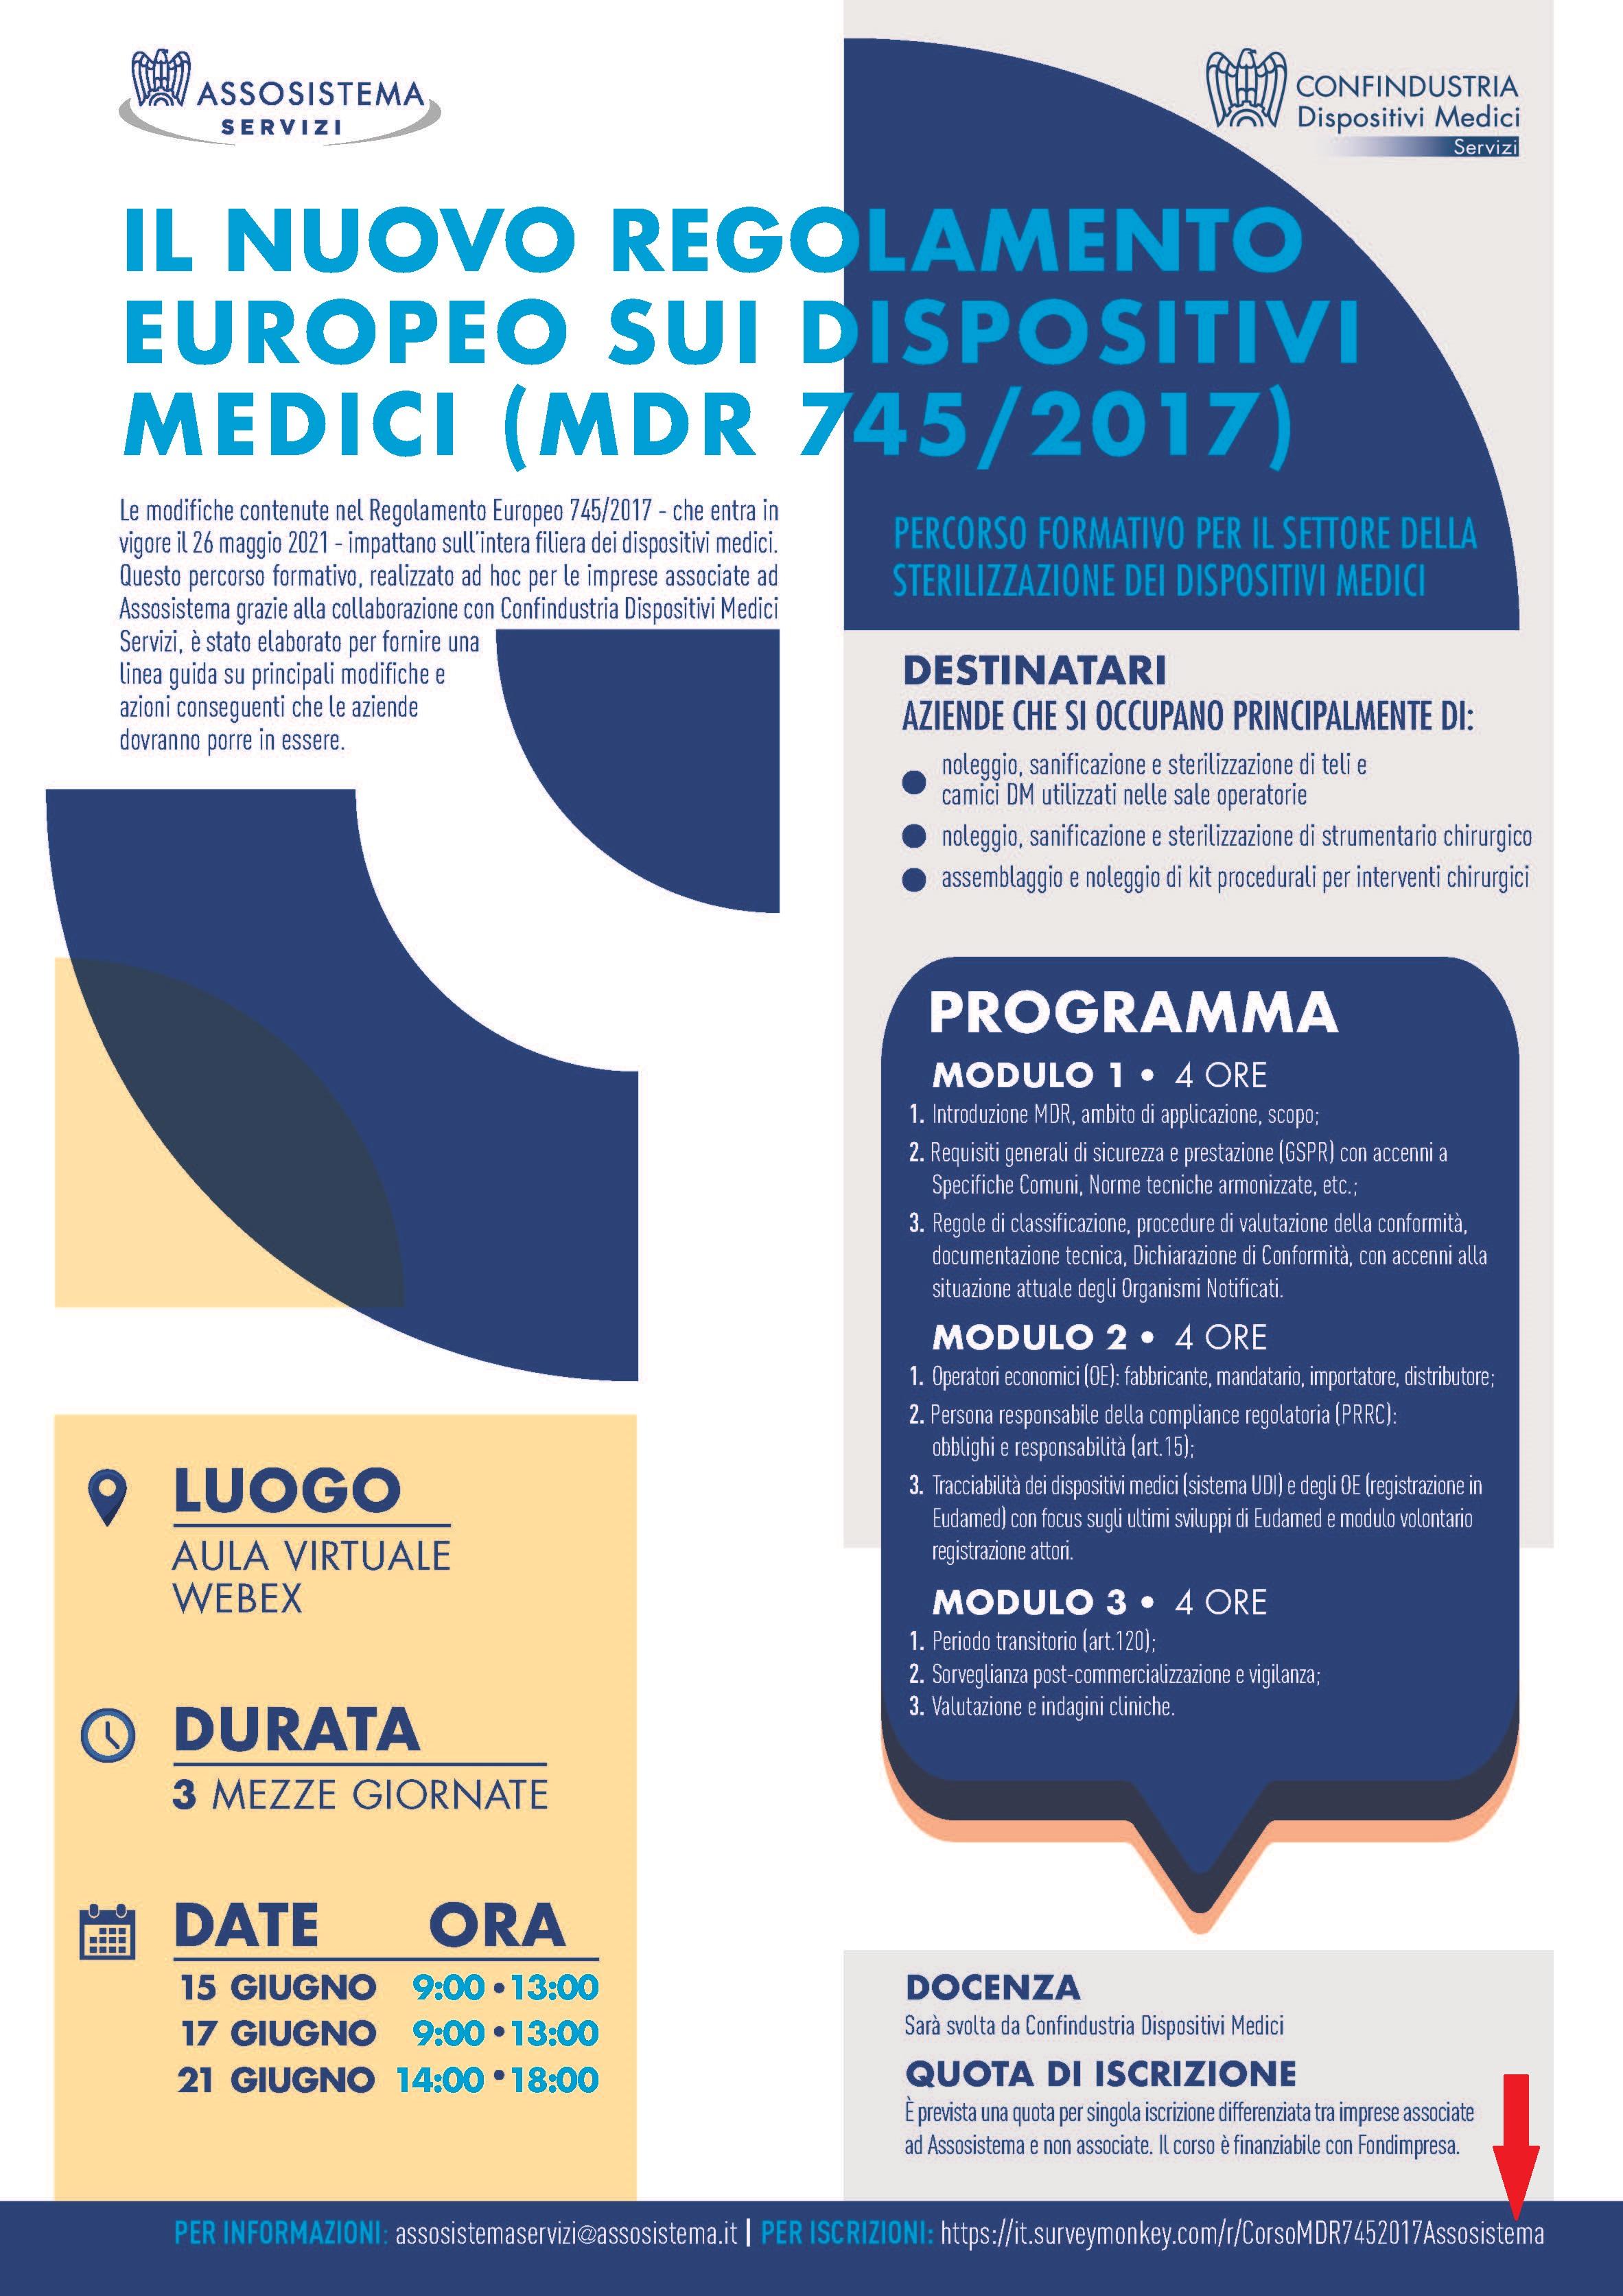 Il nuovo regolamento europeo sui dispositivi medici (MDR 745/2017)